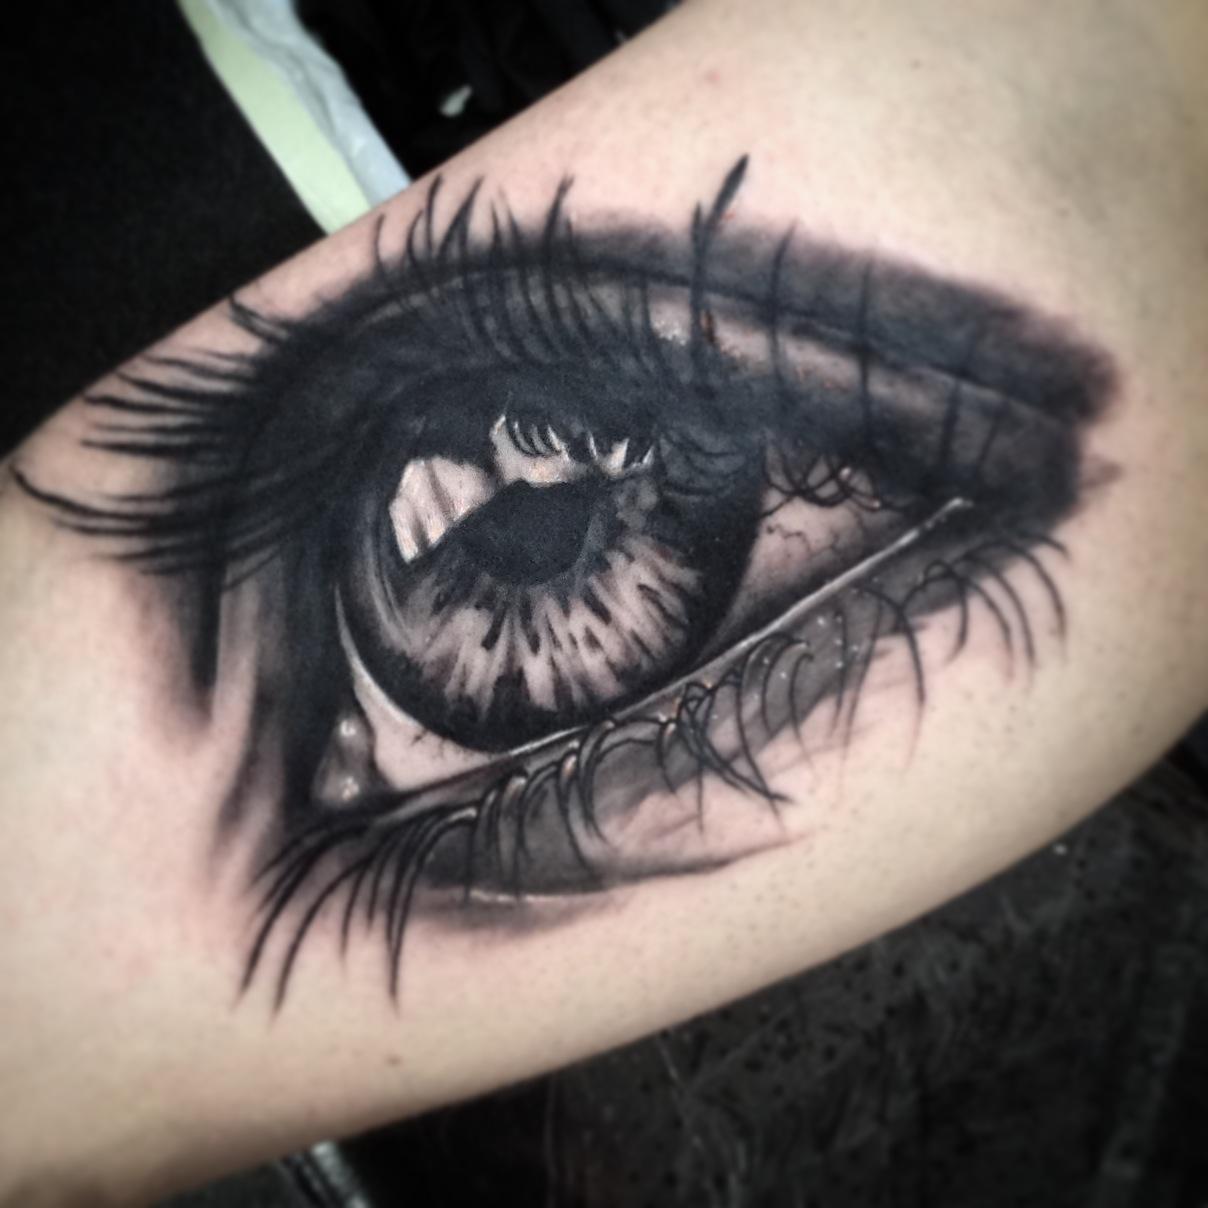 znachenie-tattoo-glaz.2.jpg